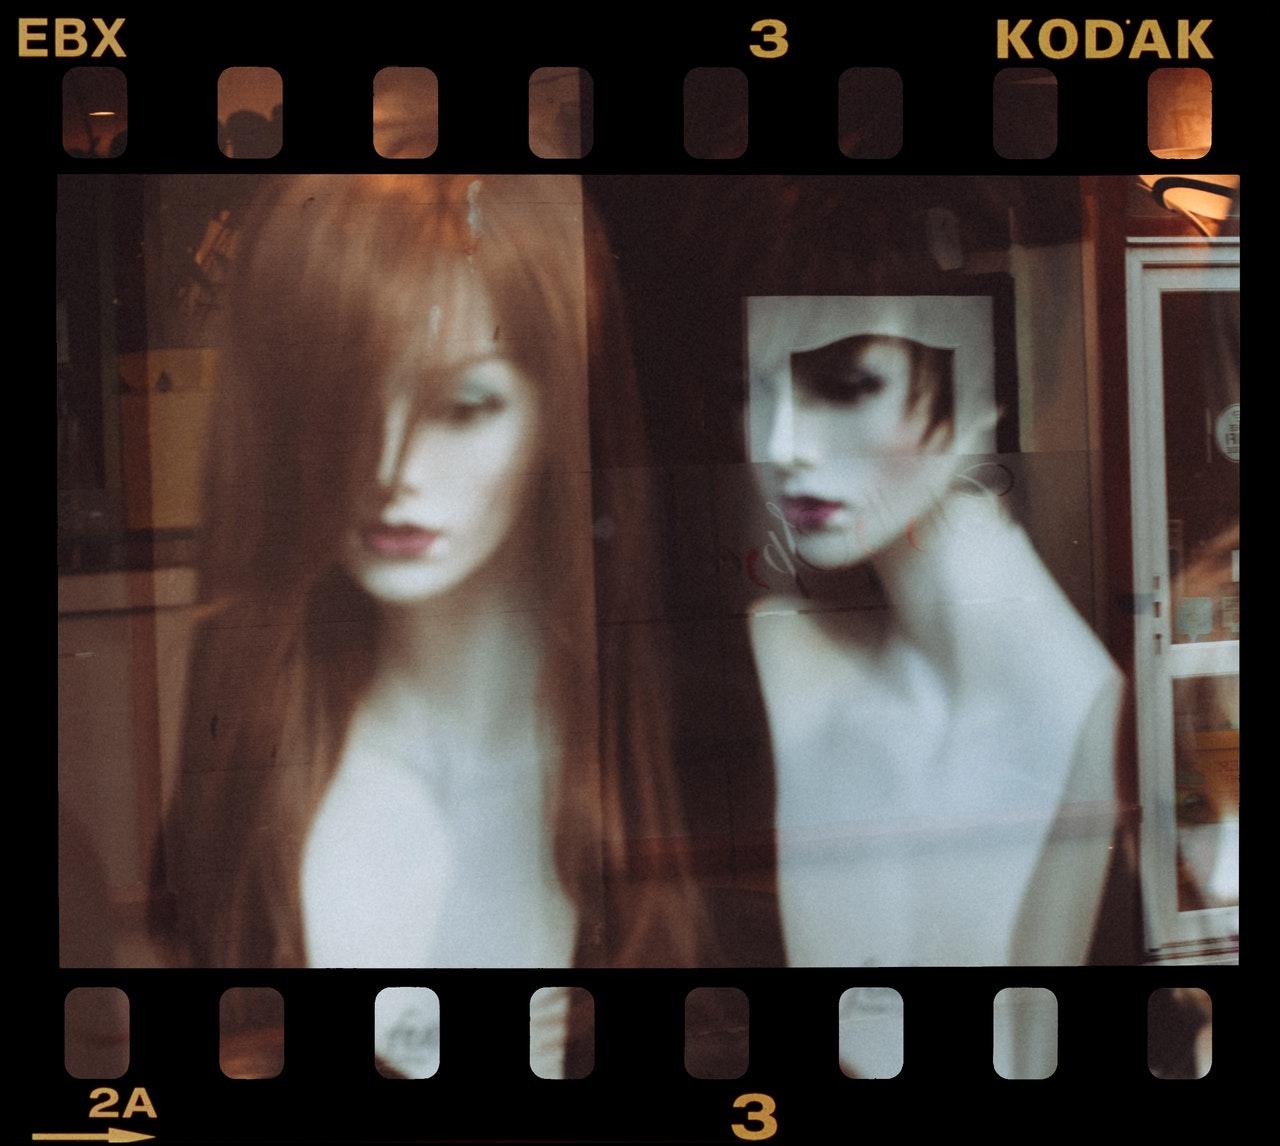 kodak film frame of mannequins